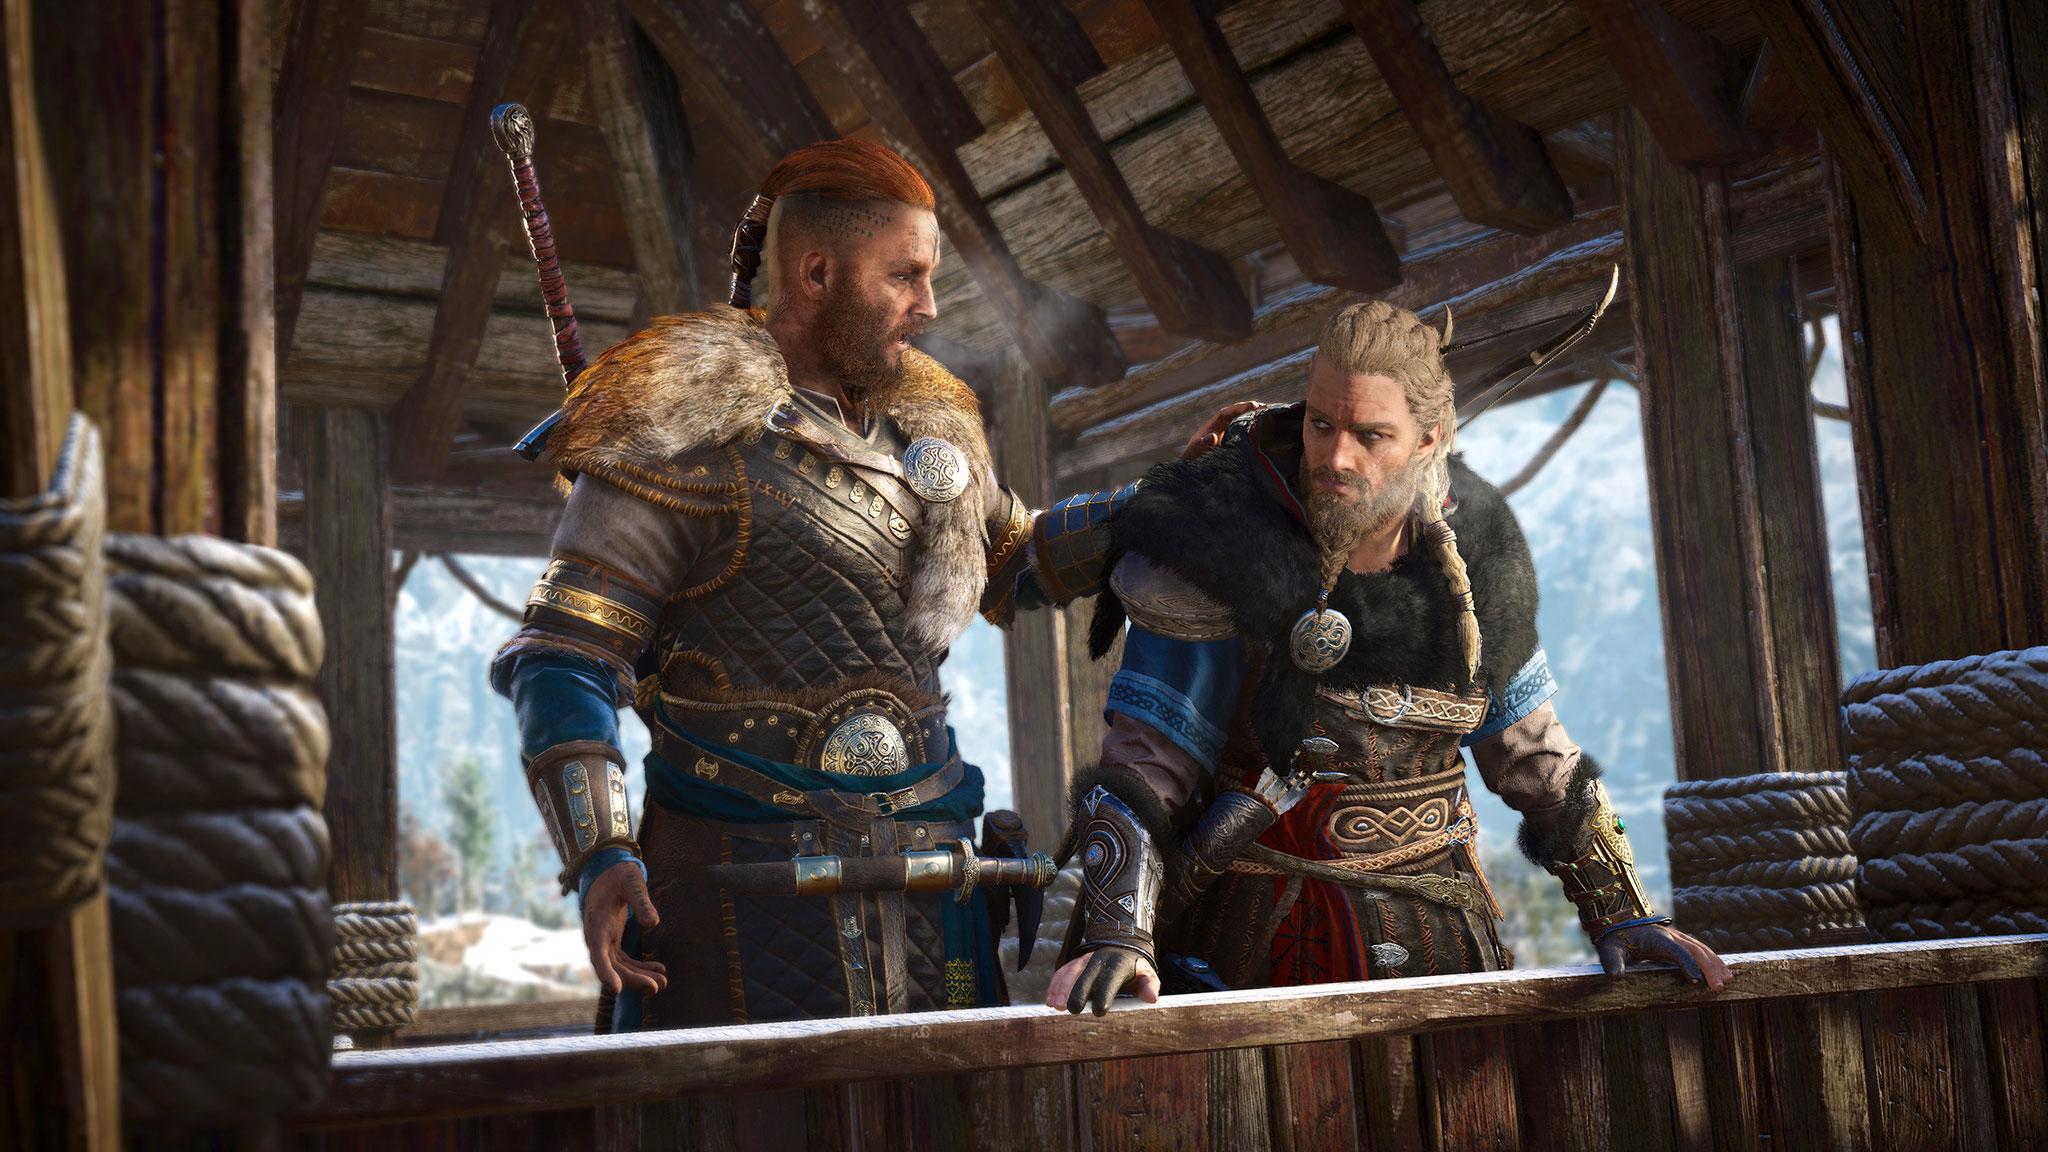 Entscheiden sich dafür, nach Englaland umzusiedeln: Der männliche Eivor (rechts) und sein Jugendfreund, der Wikinger-Prinz Sigurd.